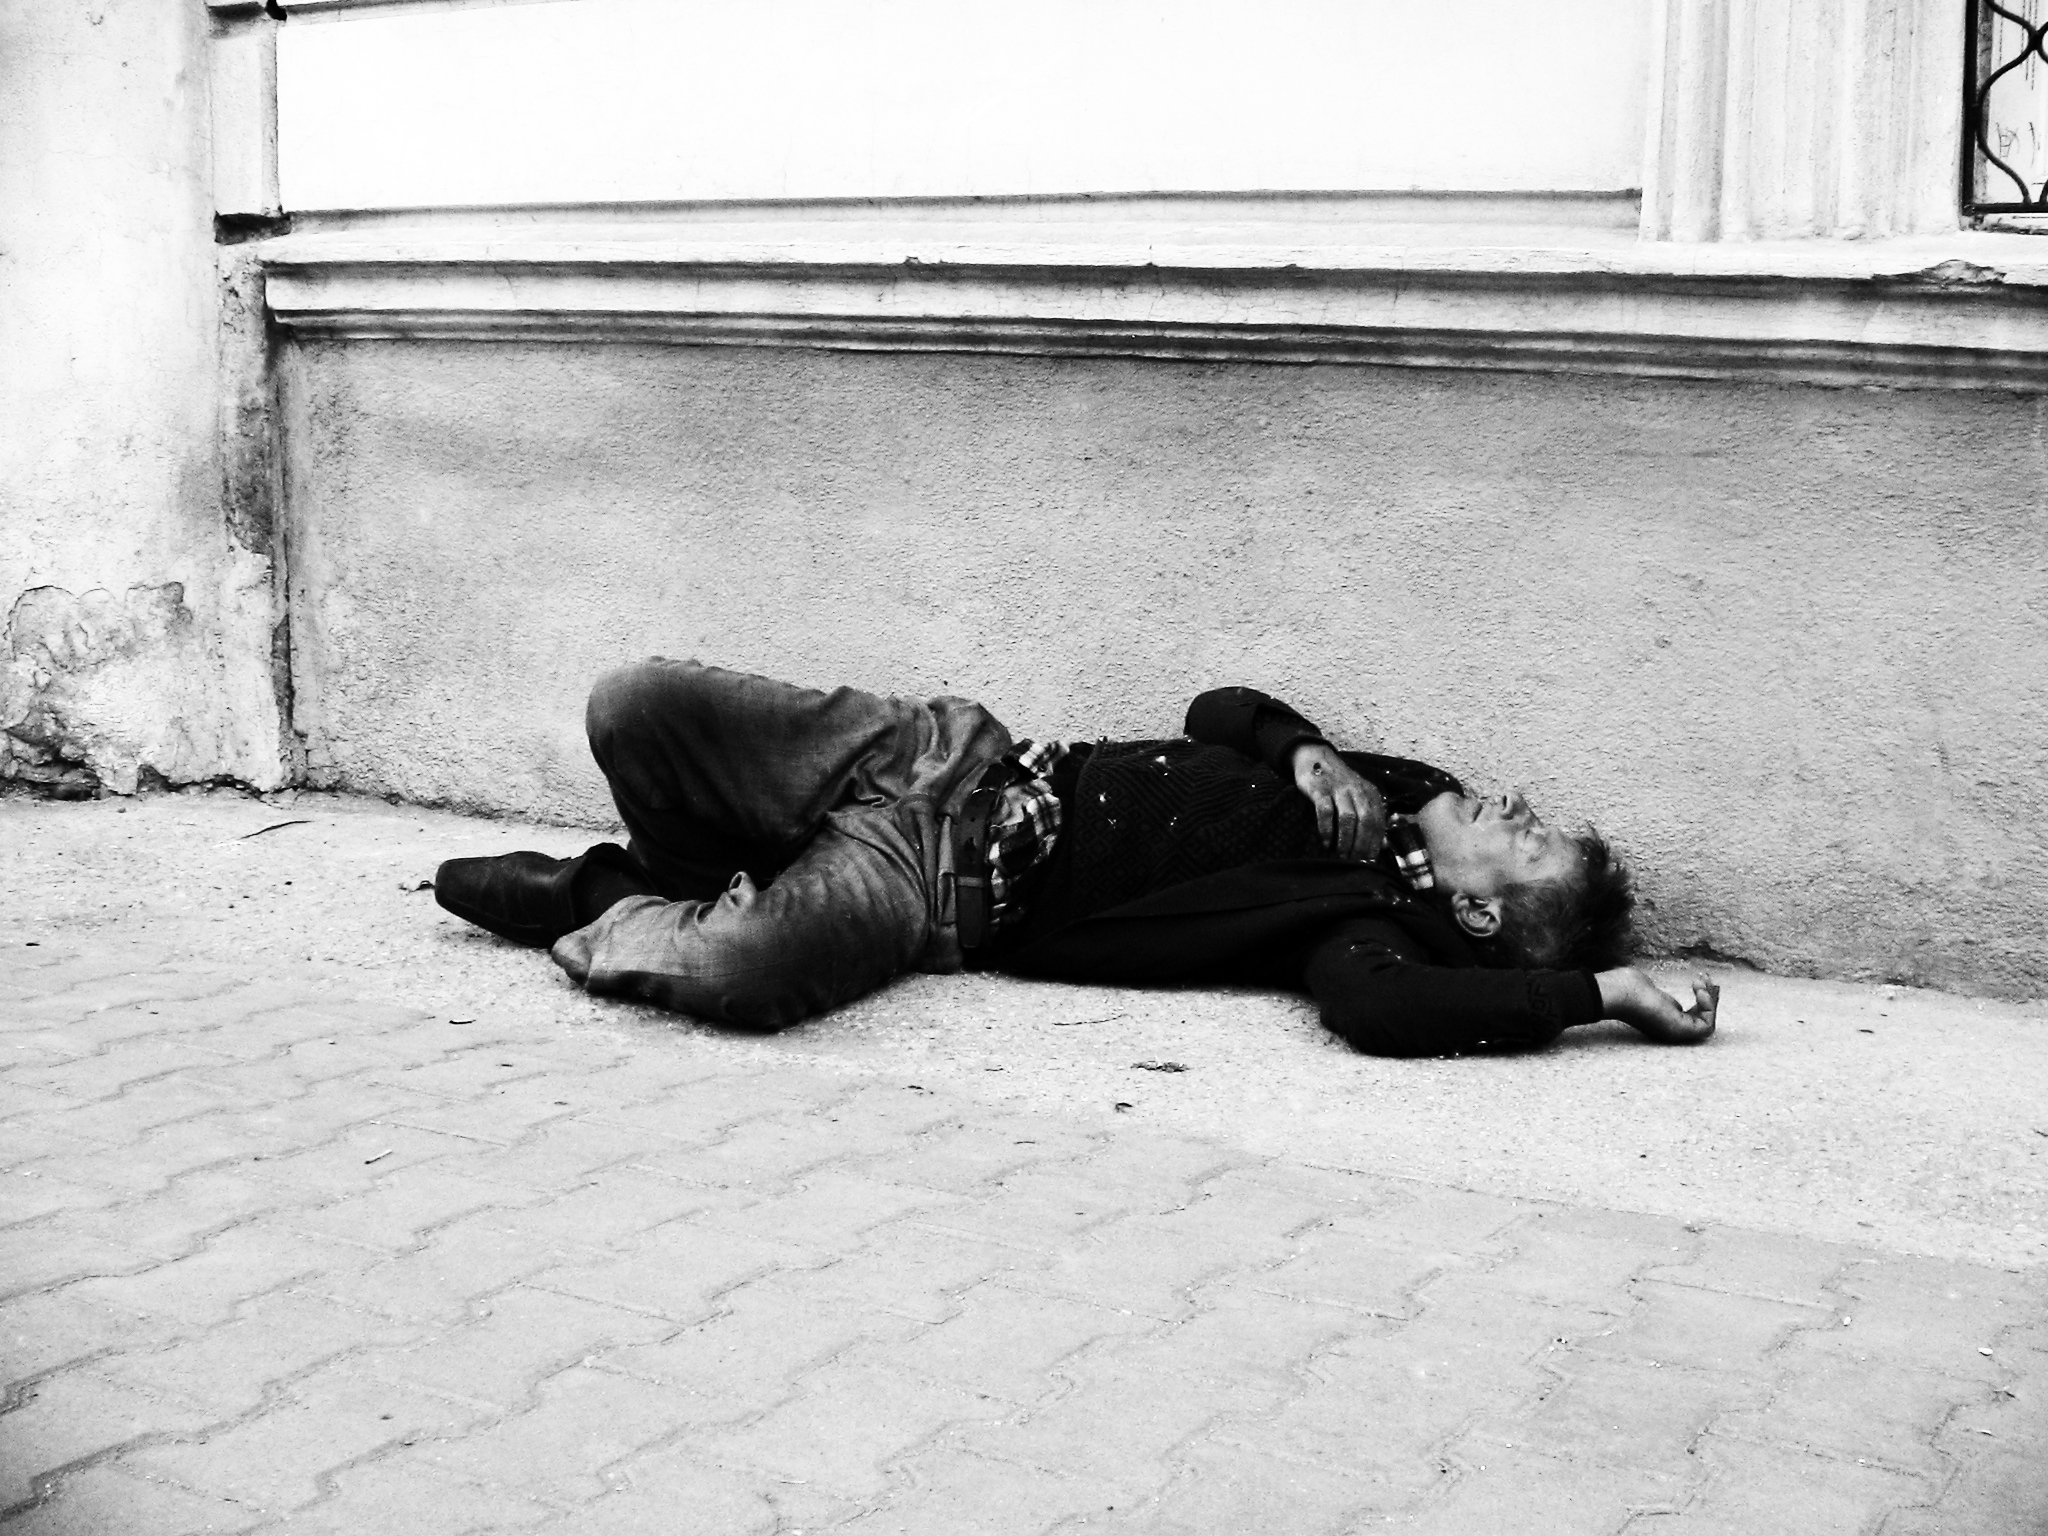 Morte apparente, cosa dice la legge in Italia